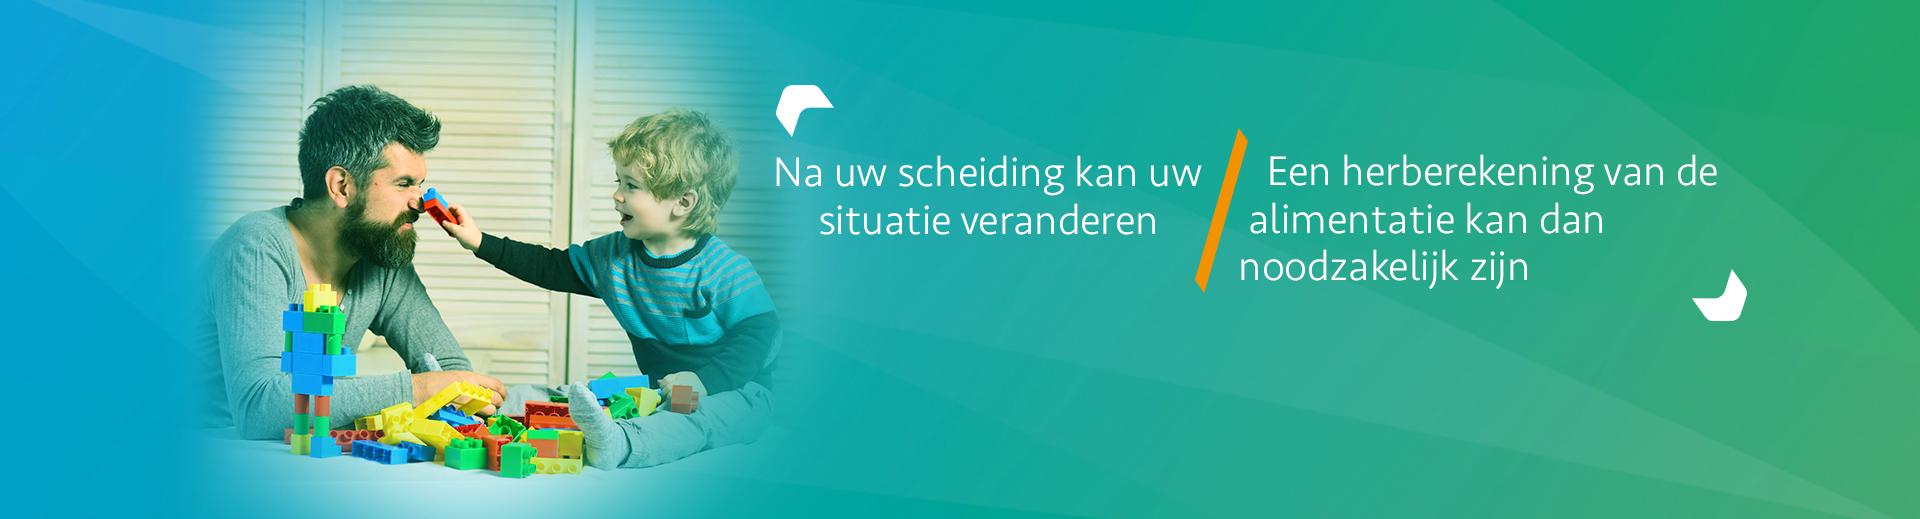 Het herzien van de alimentatie - Scheidingsplanner Den Haag & Rijswijk